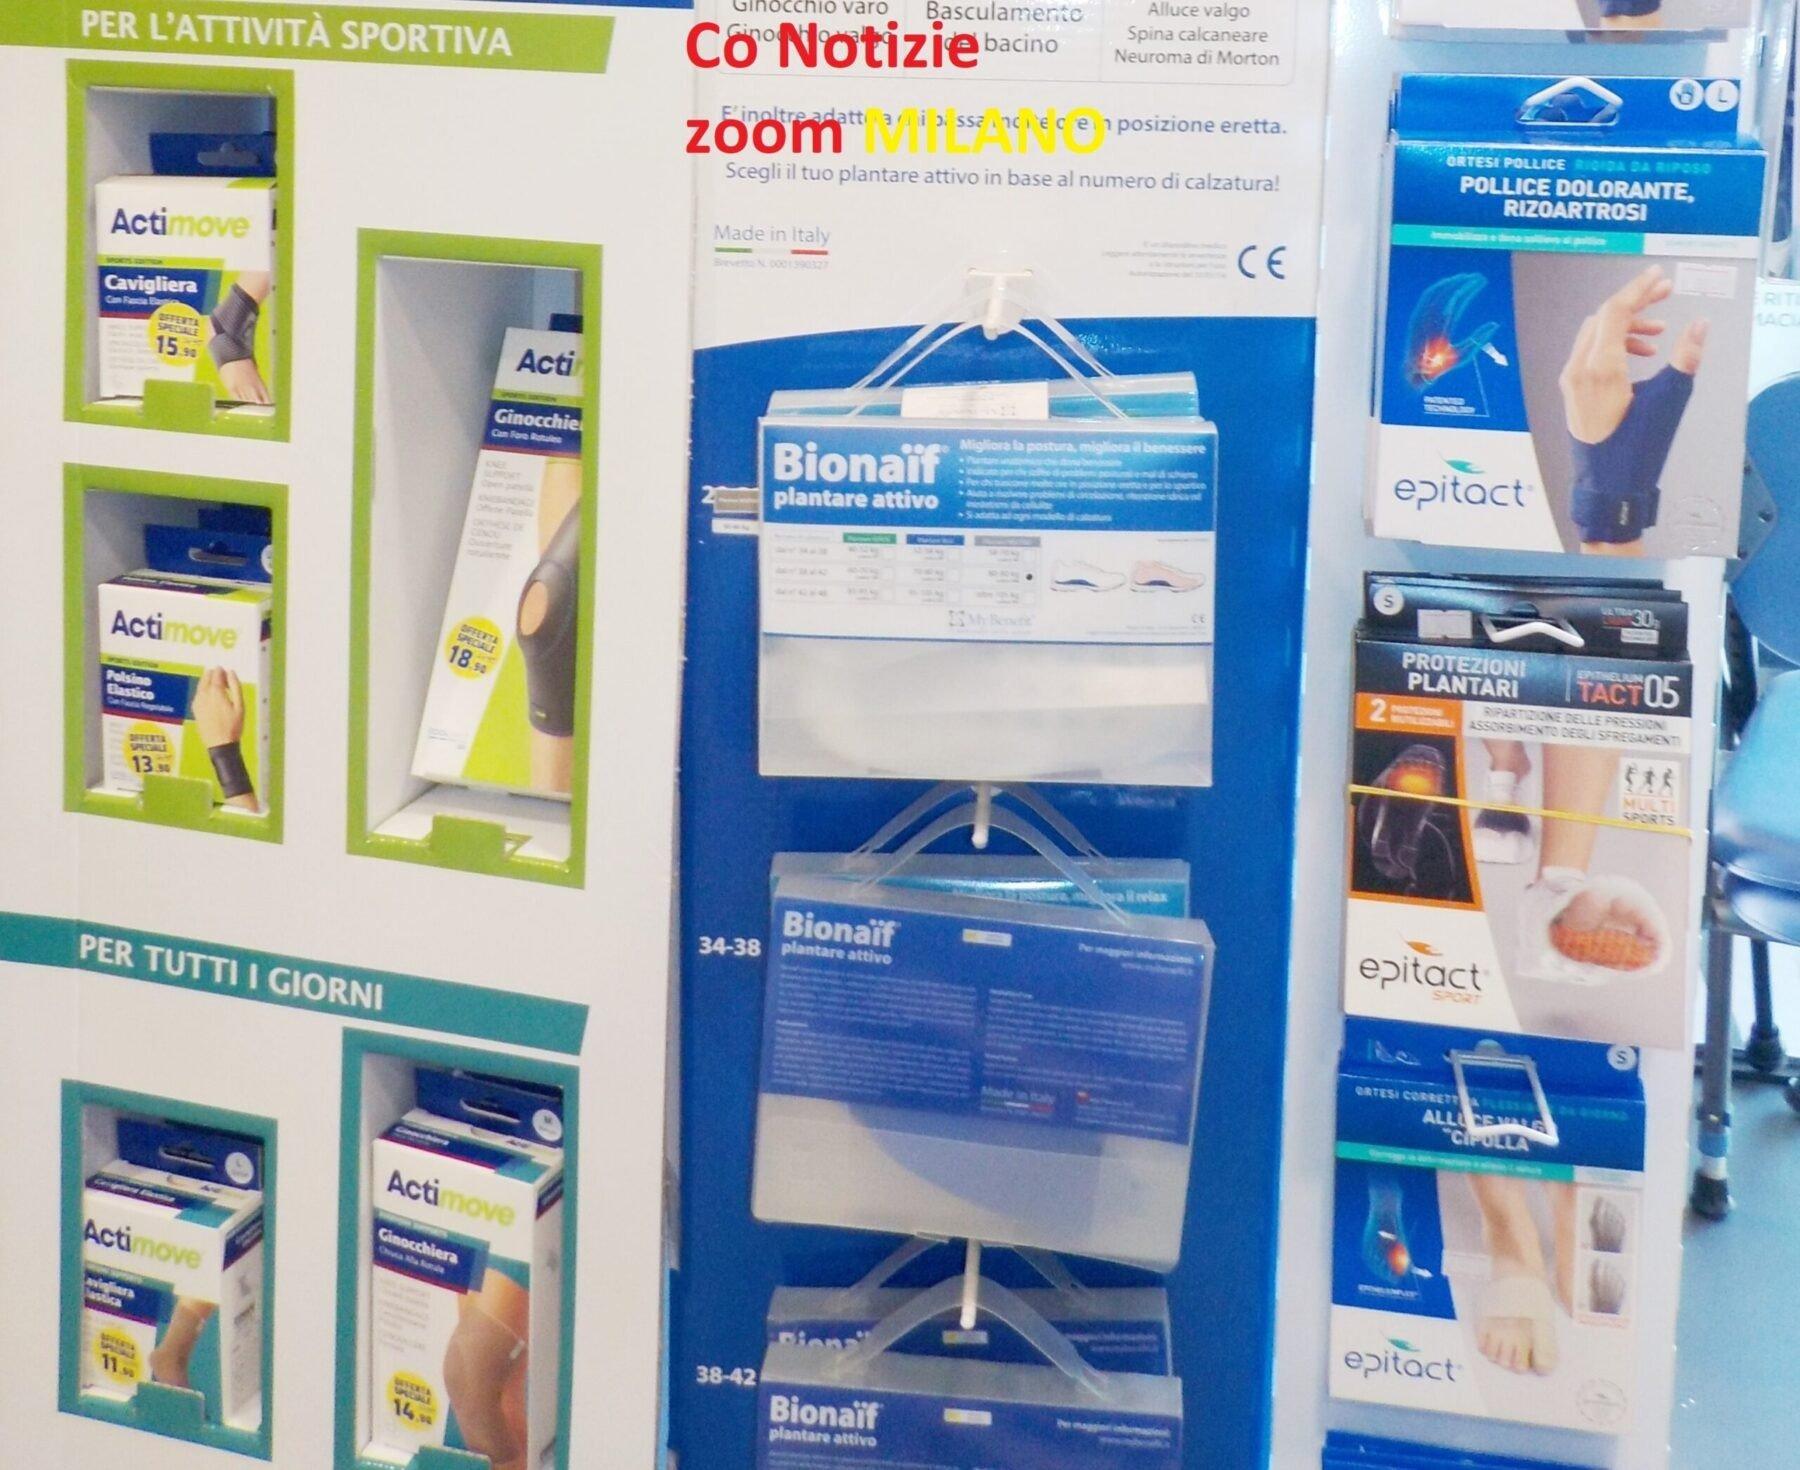 """farmacia del corso Corbetta - """"Farmacia del corso"""", Corbetta: i servizi e il servizio ai cittadini 26/11/2020"""